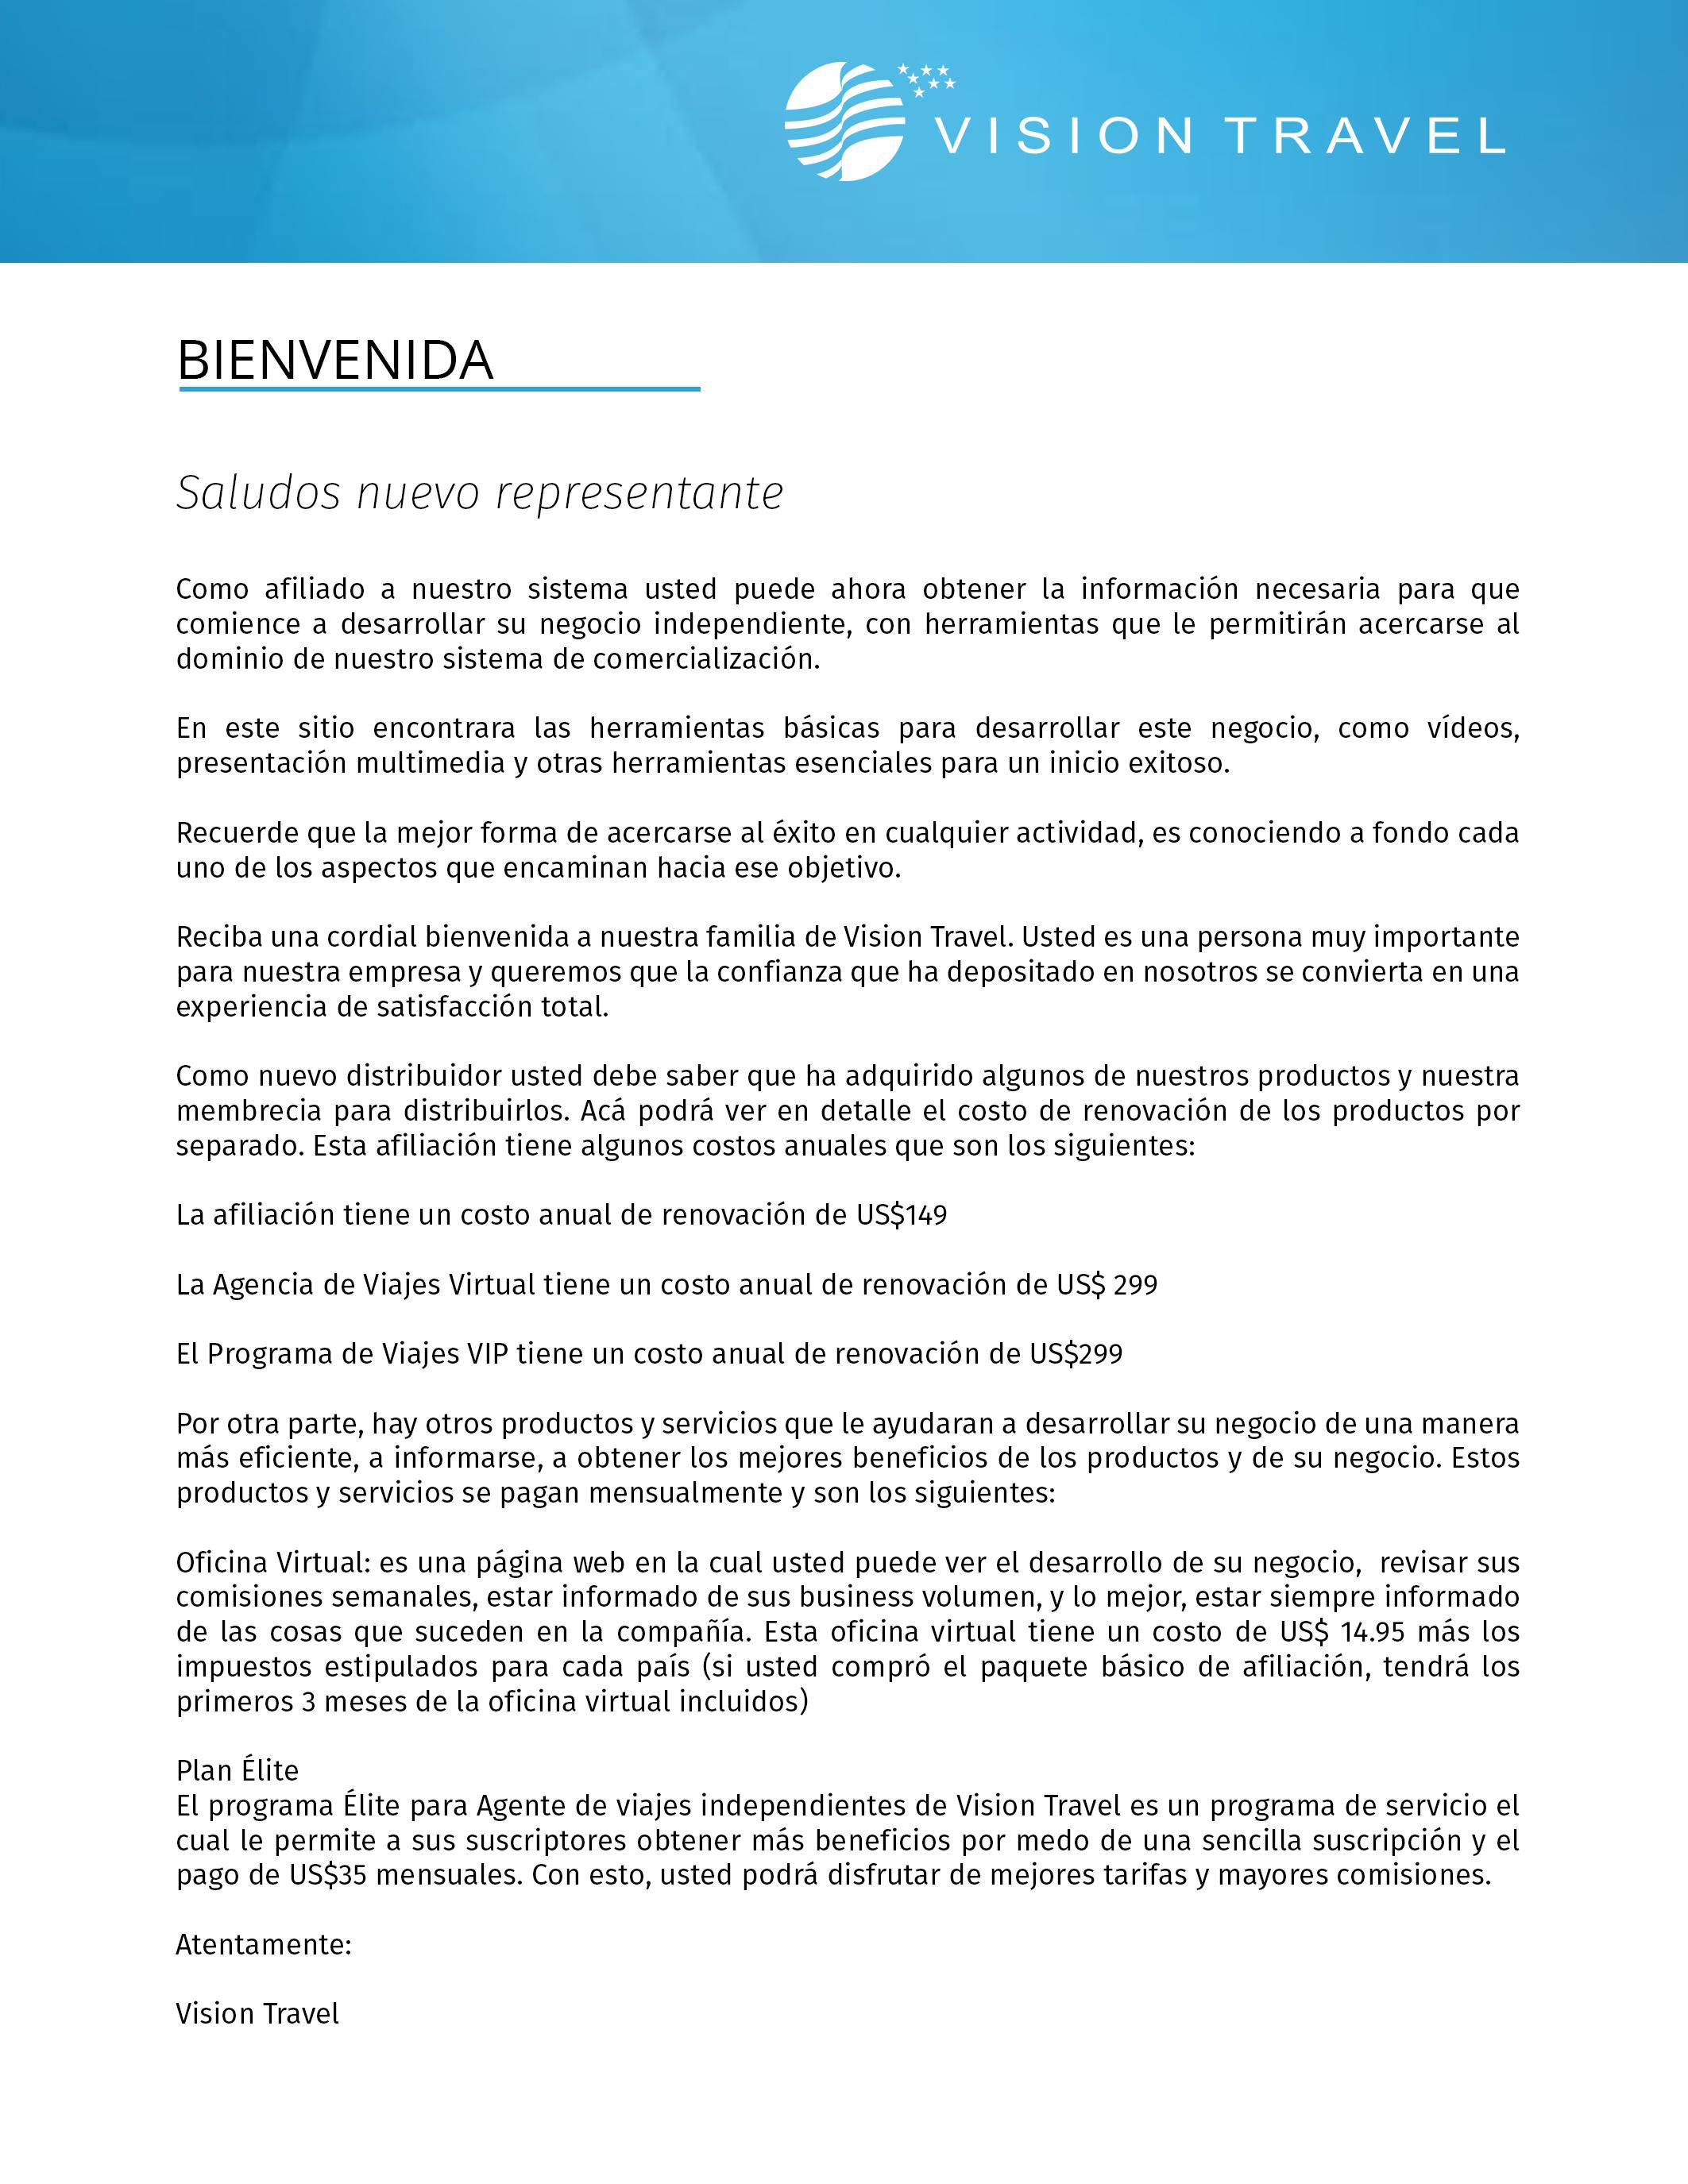 Carta De Bienvenida De La Membresía De La Iglesia Creatogrimarml